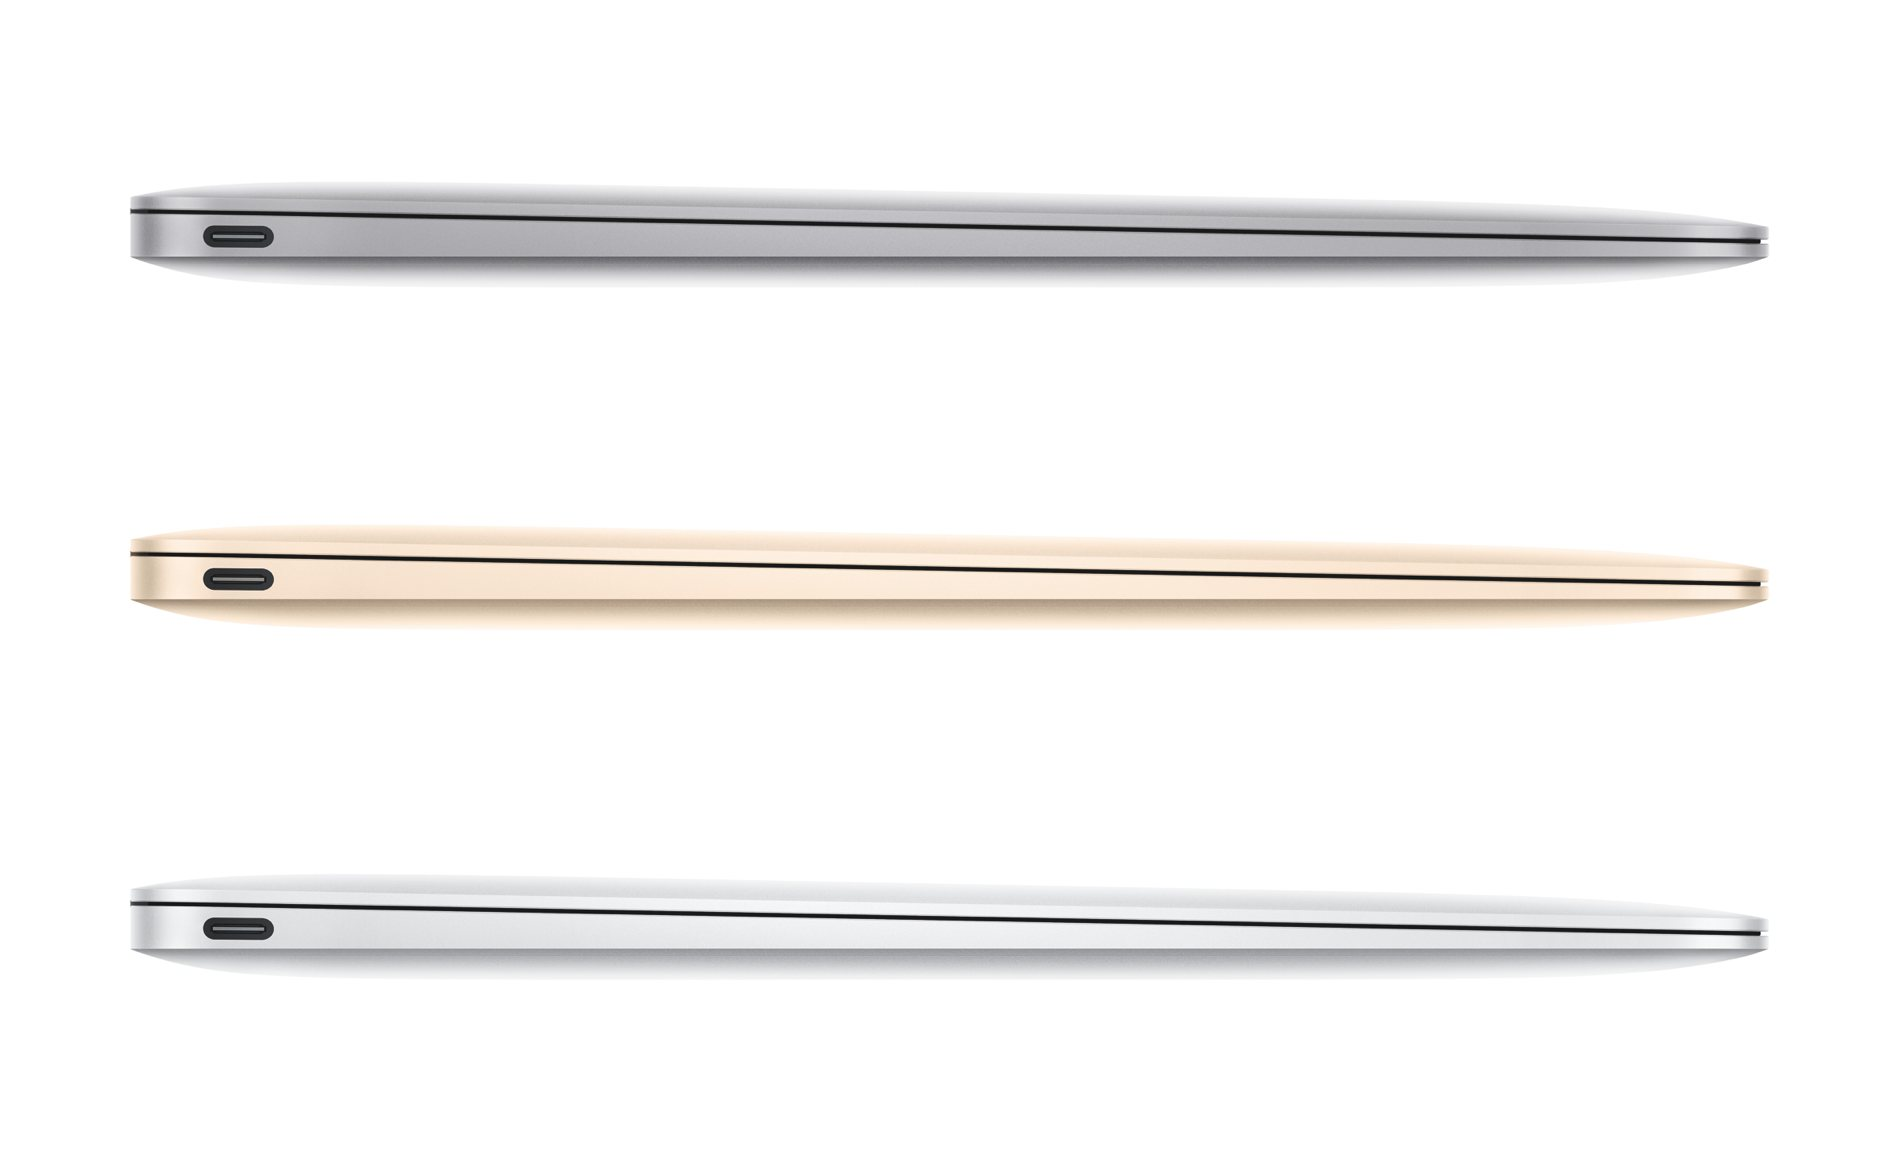 Macbook Pro Firewire Port - Dolgular.com